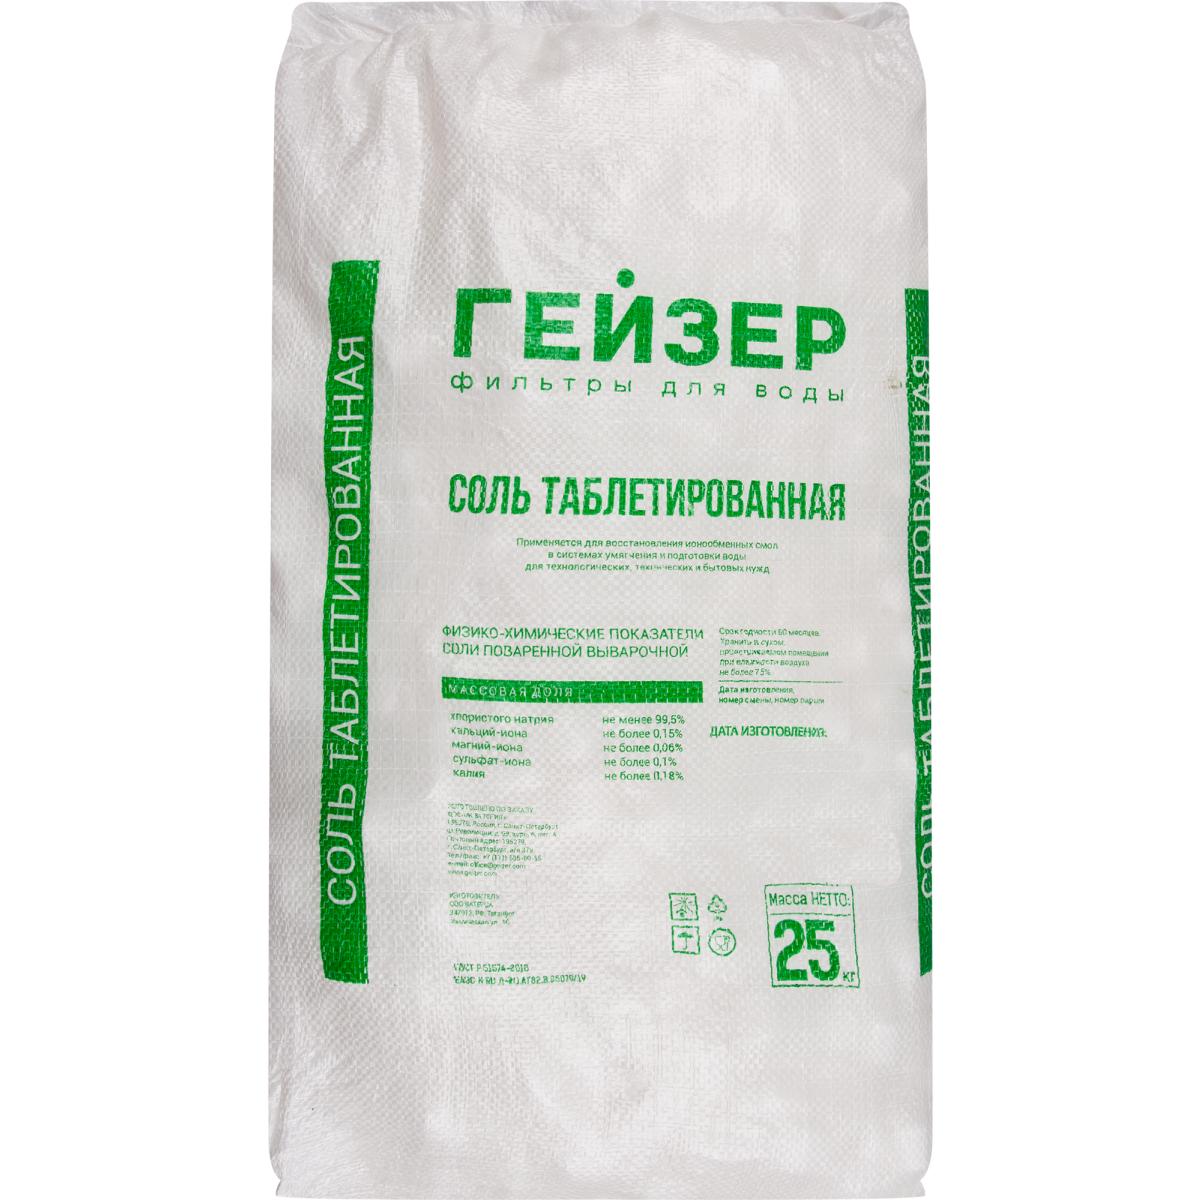 Соль таблетированная Гейзер 25 кг